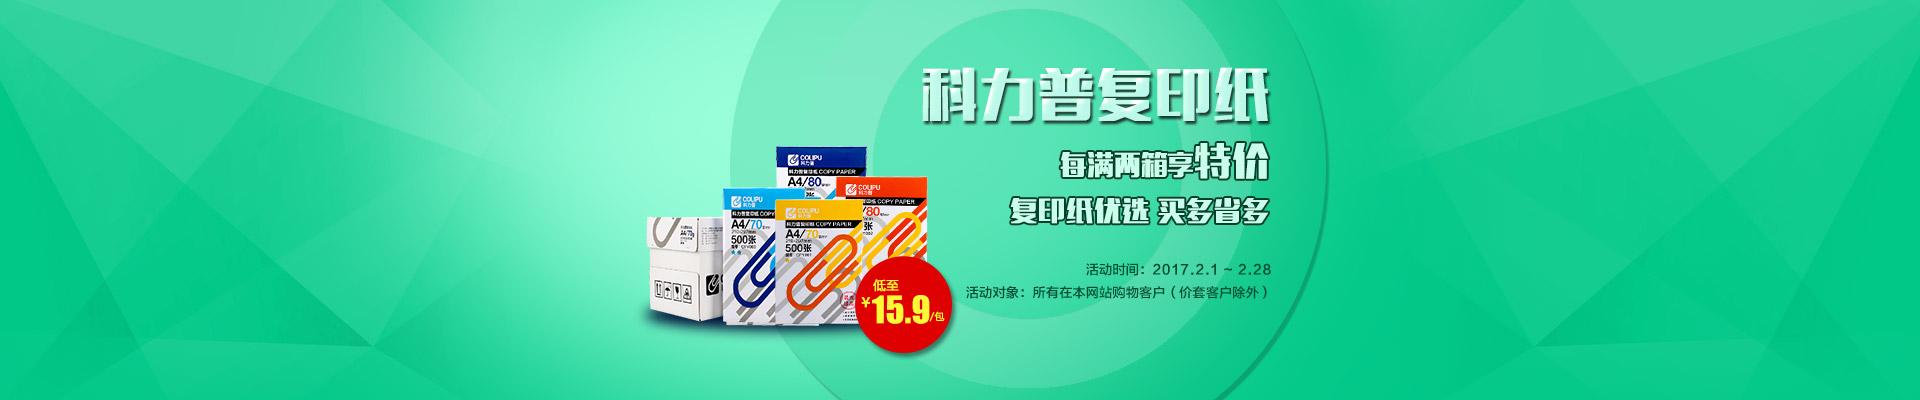 复印纸优选 科力普复印纸 买多省多 每满2箱享特价 低至¥15.9/包